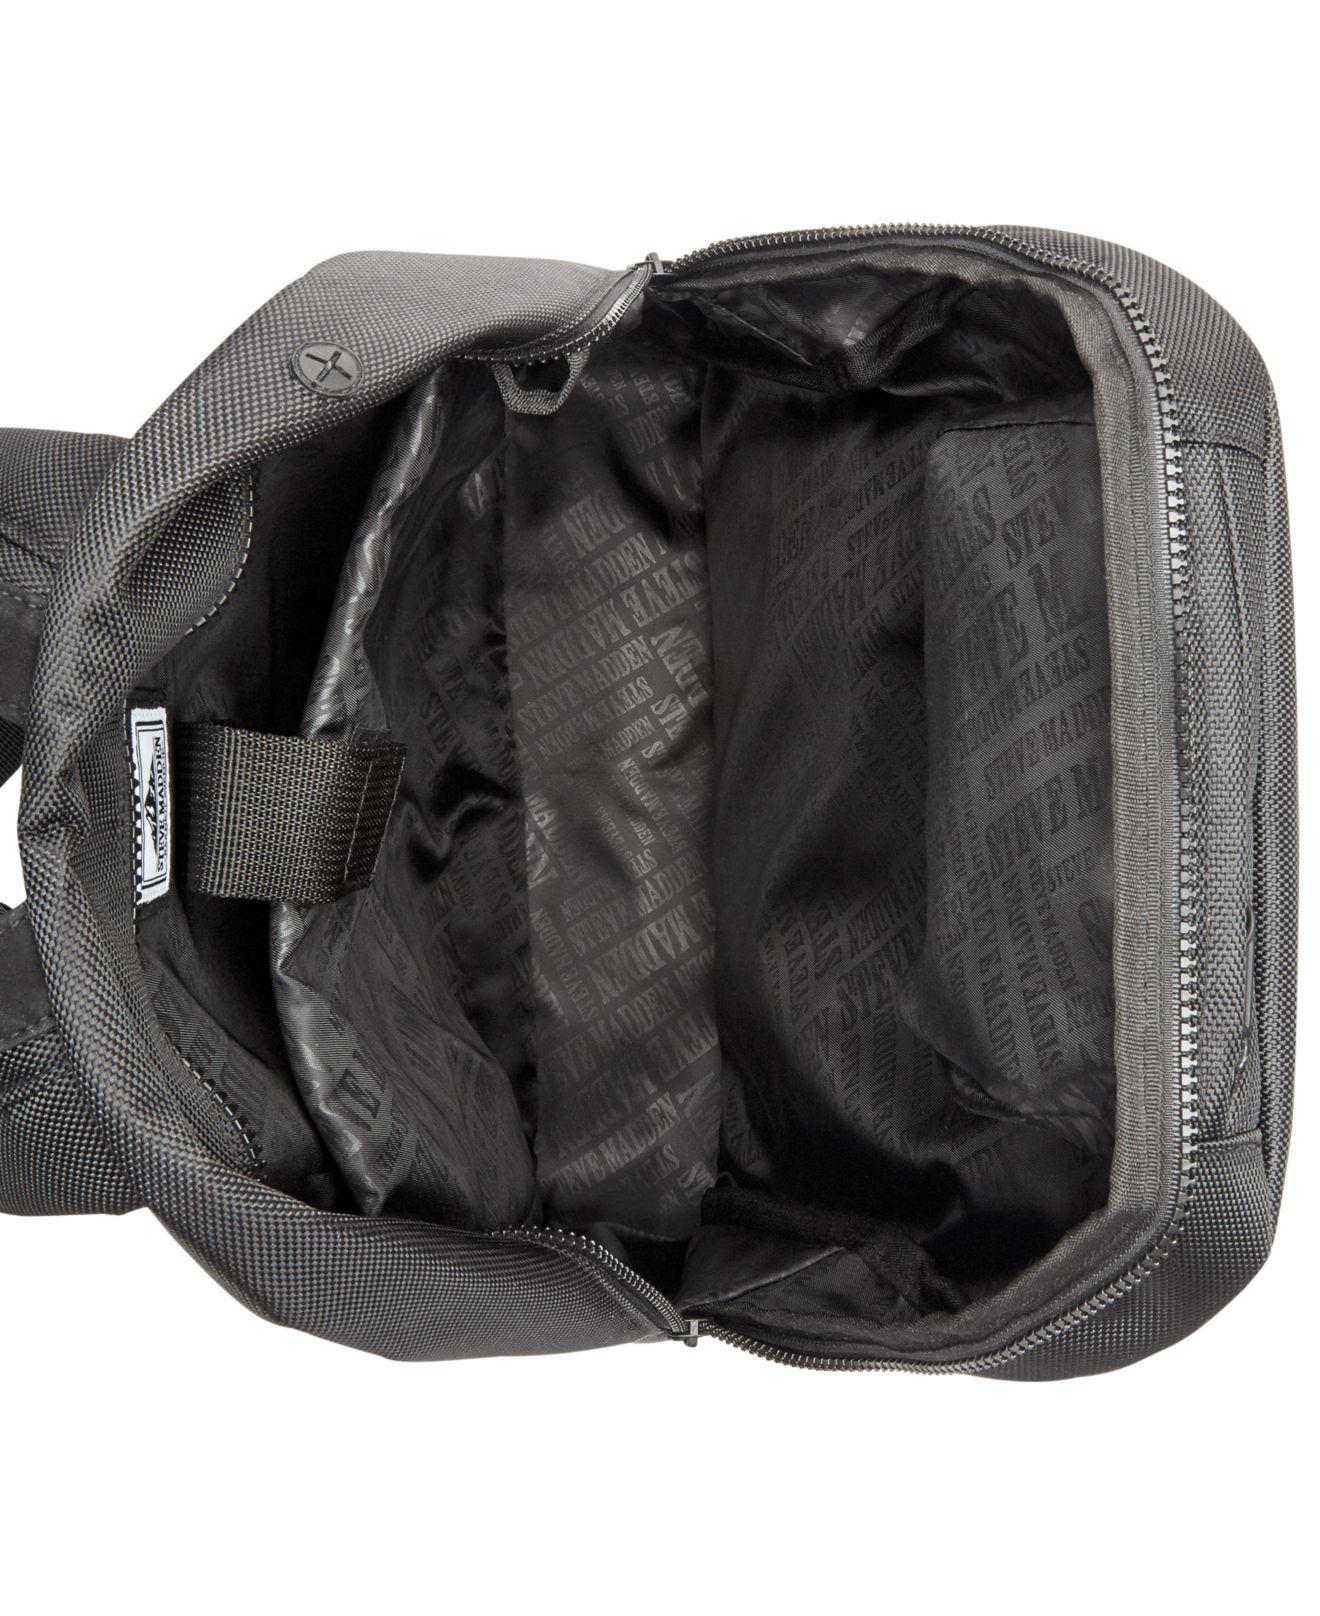 389c80ba72b9 Lyst - Steve Madden Ballistic Nylon Backpack in Black for Men